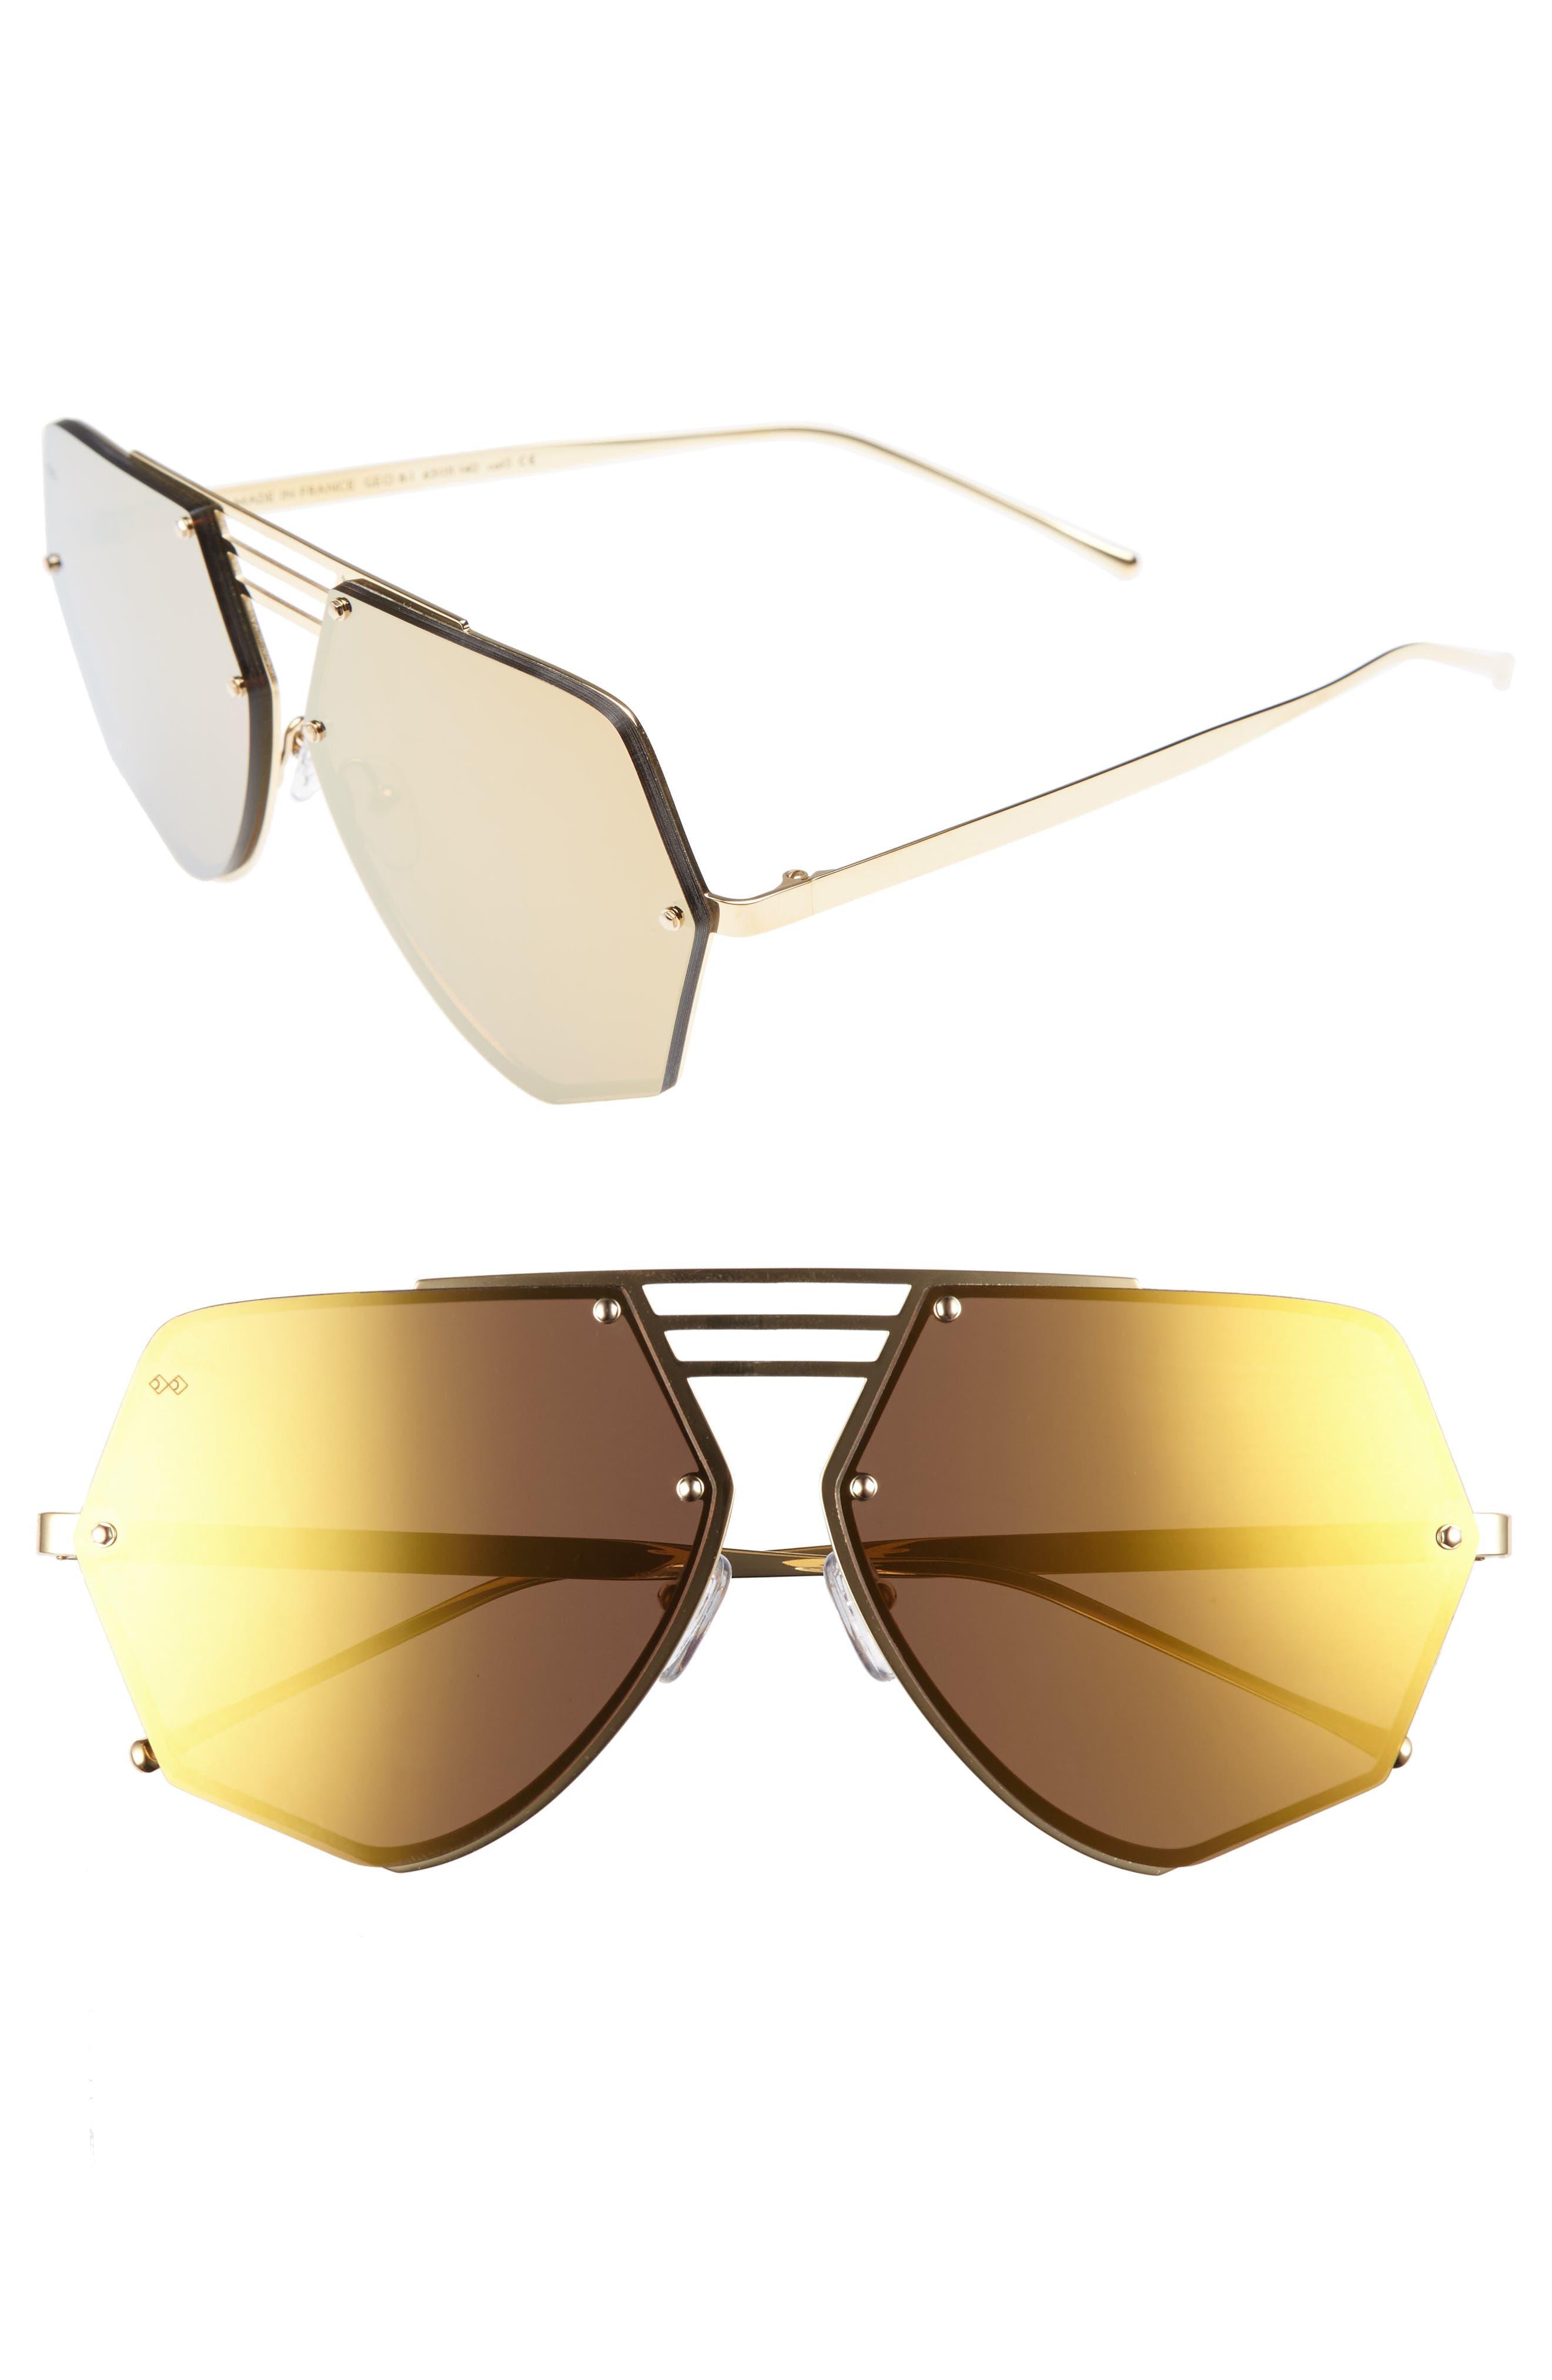 SMOKE X MIRRORS Geo 8 63mm Mirrored Sunglasses